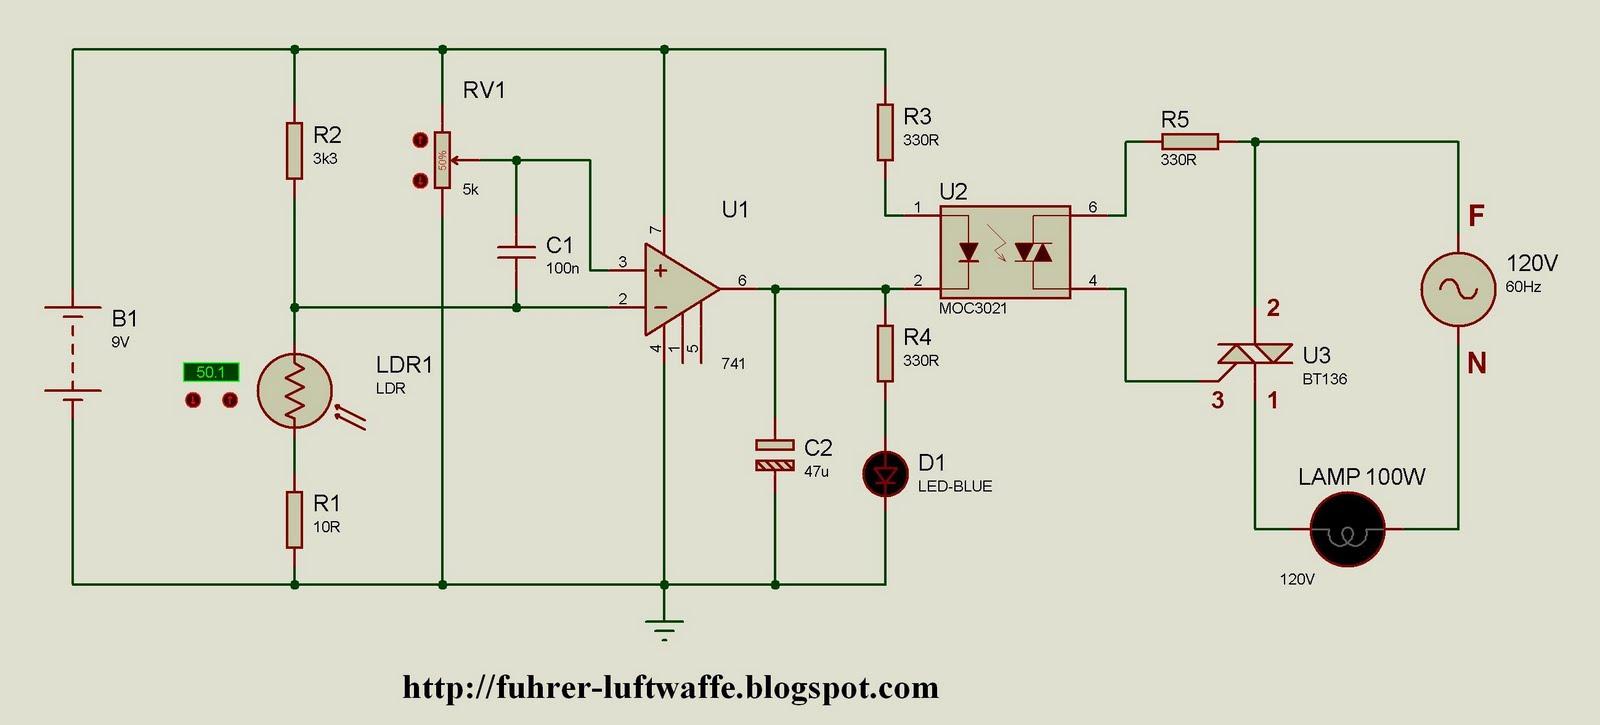 Circuito De Electronica : Necesito ayuda para un circuito electrónica y diseño de